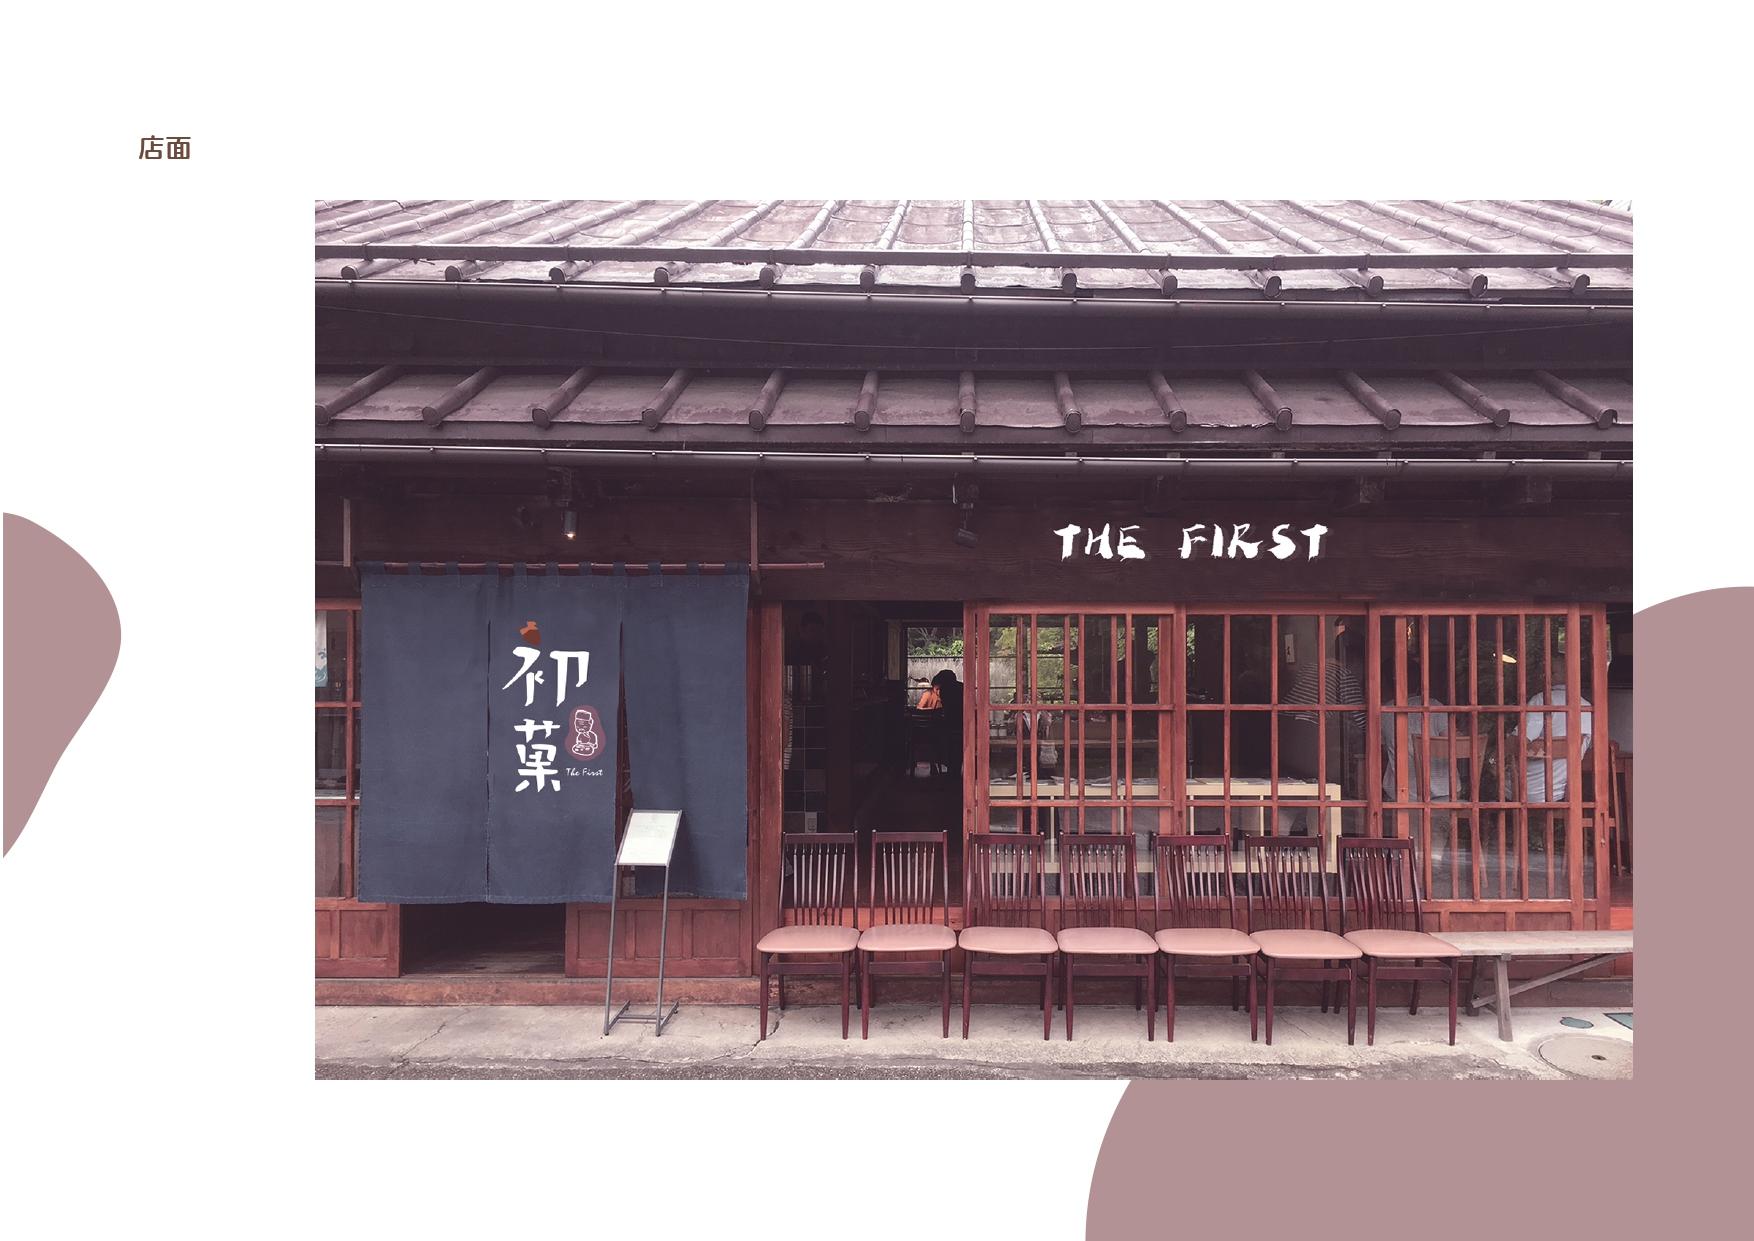 2_初菓和菓子創店_pages-to-jpg-0017